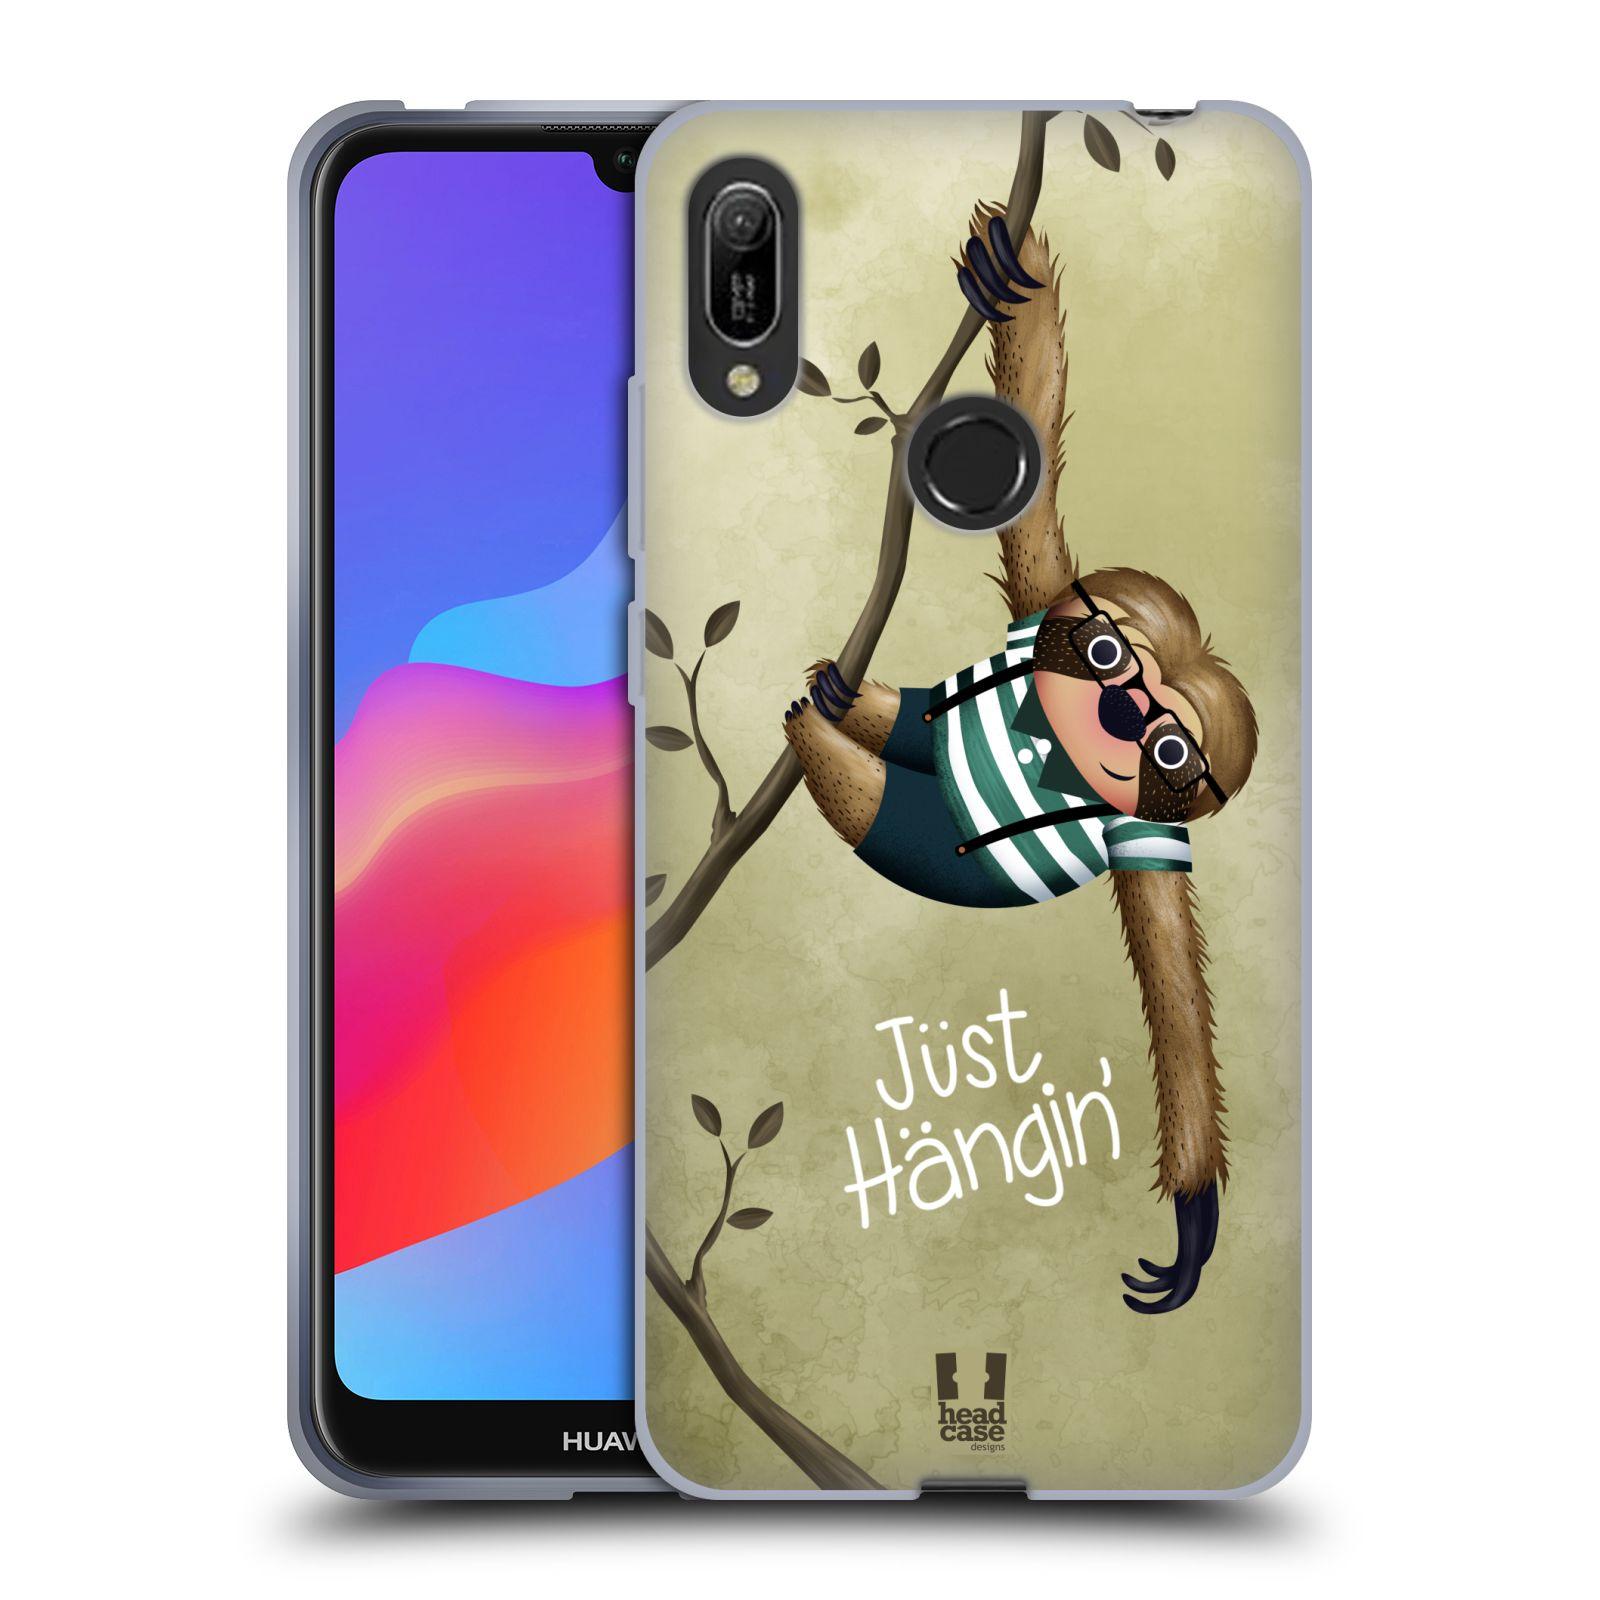 Silikonové pouzdro na mobil Huawei Y6 (2019) - Head Case - Lenochod Just Hangin